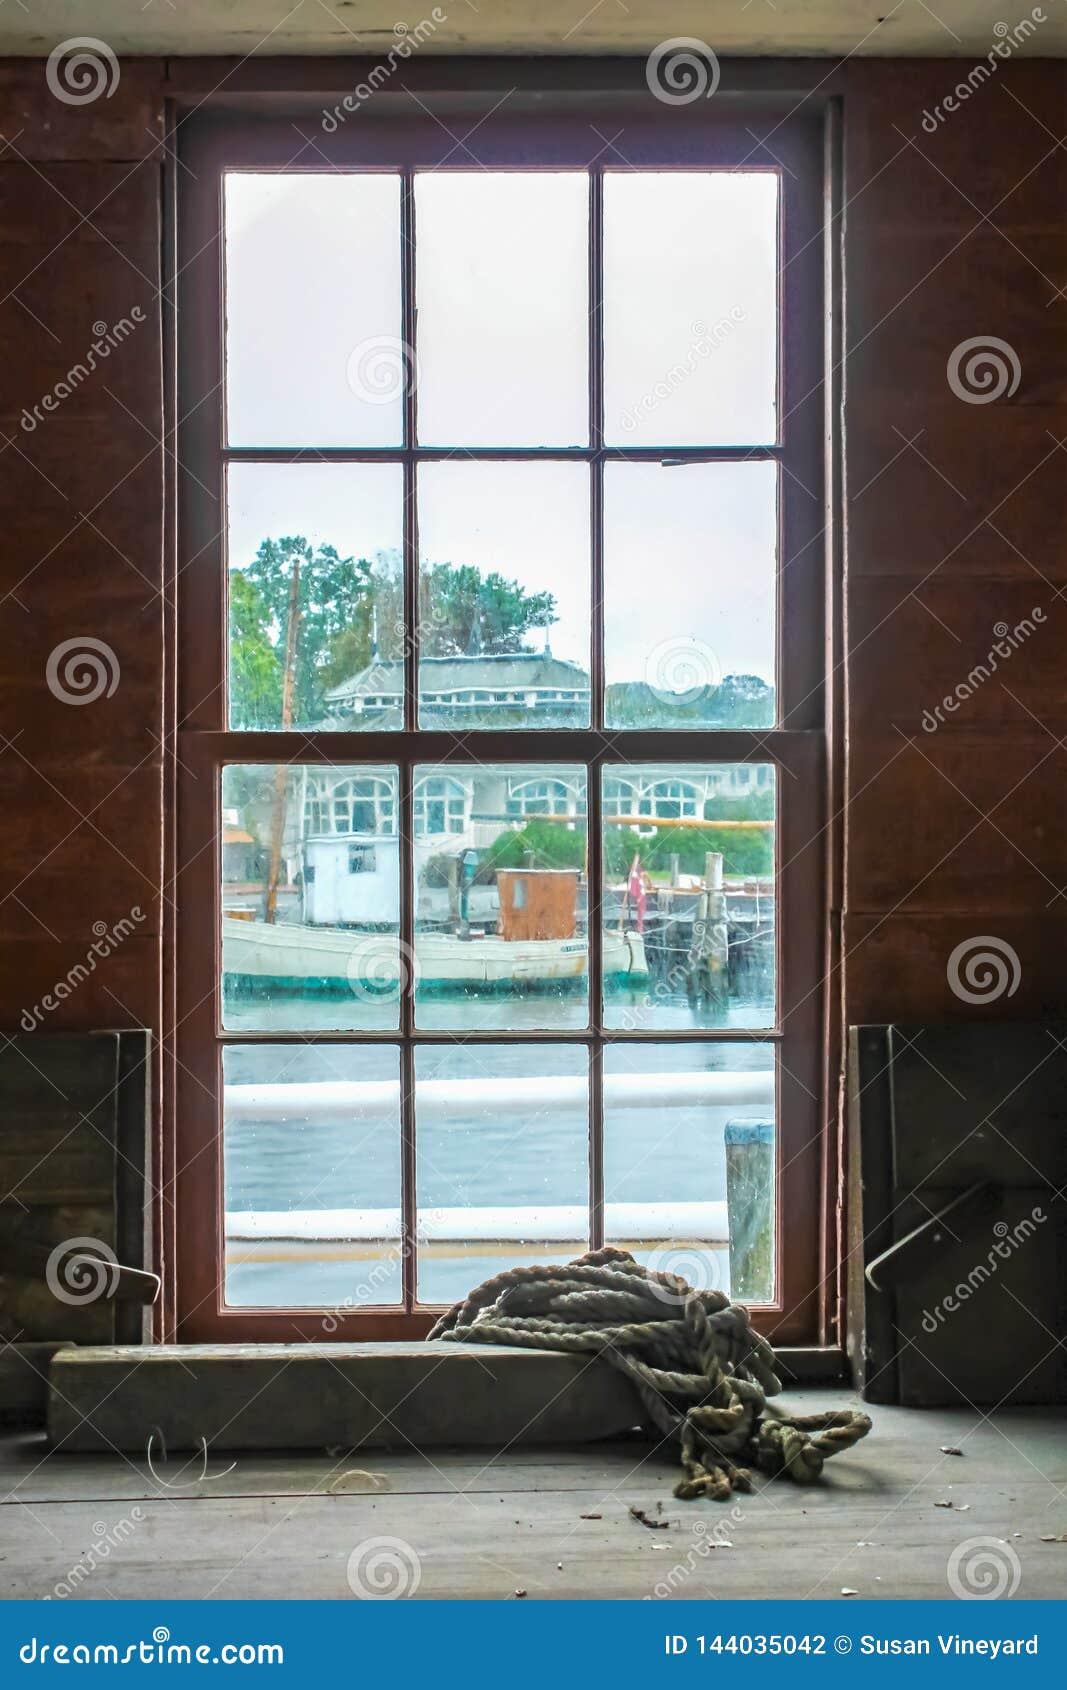 Veja para fora a janela paned suja suja no dia chuvoso da construção da oficina com a corda que coloca em uma prateleira a outras